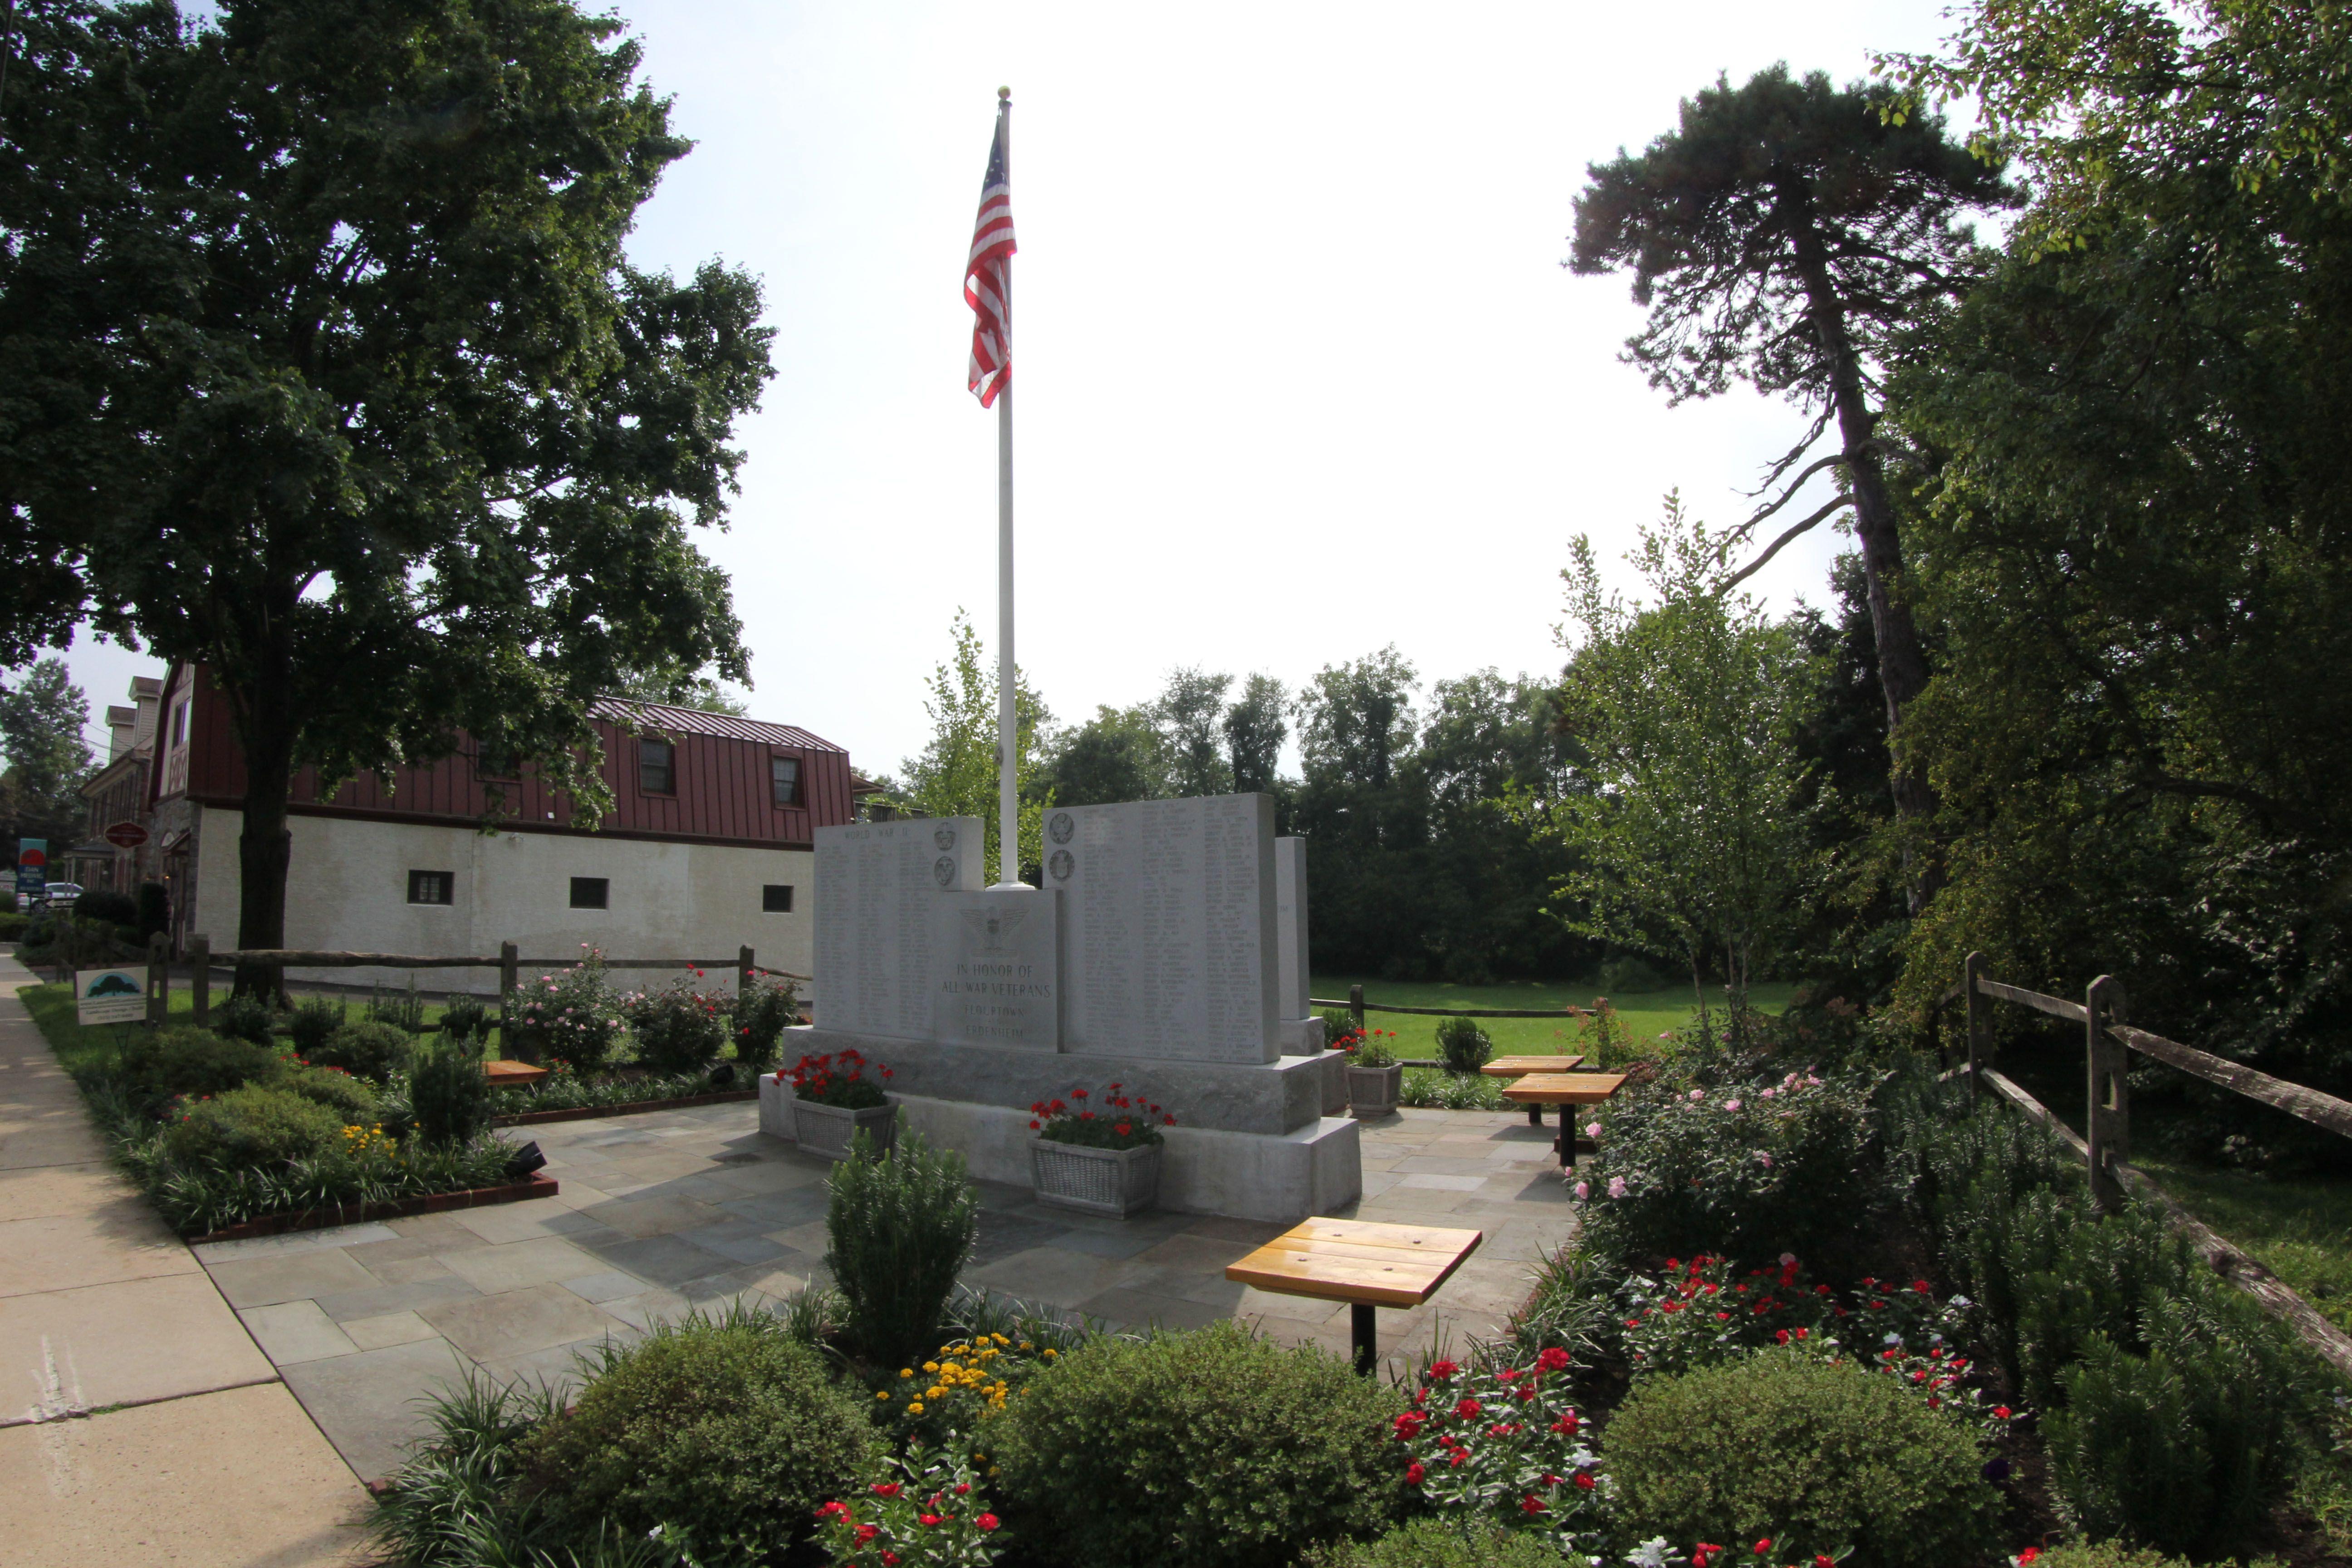 memorial day last weekend in may